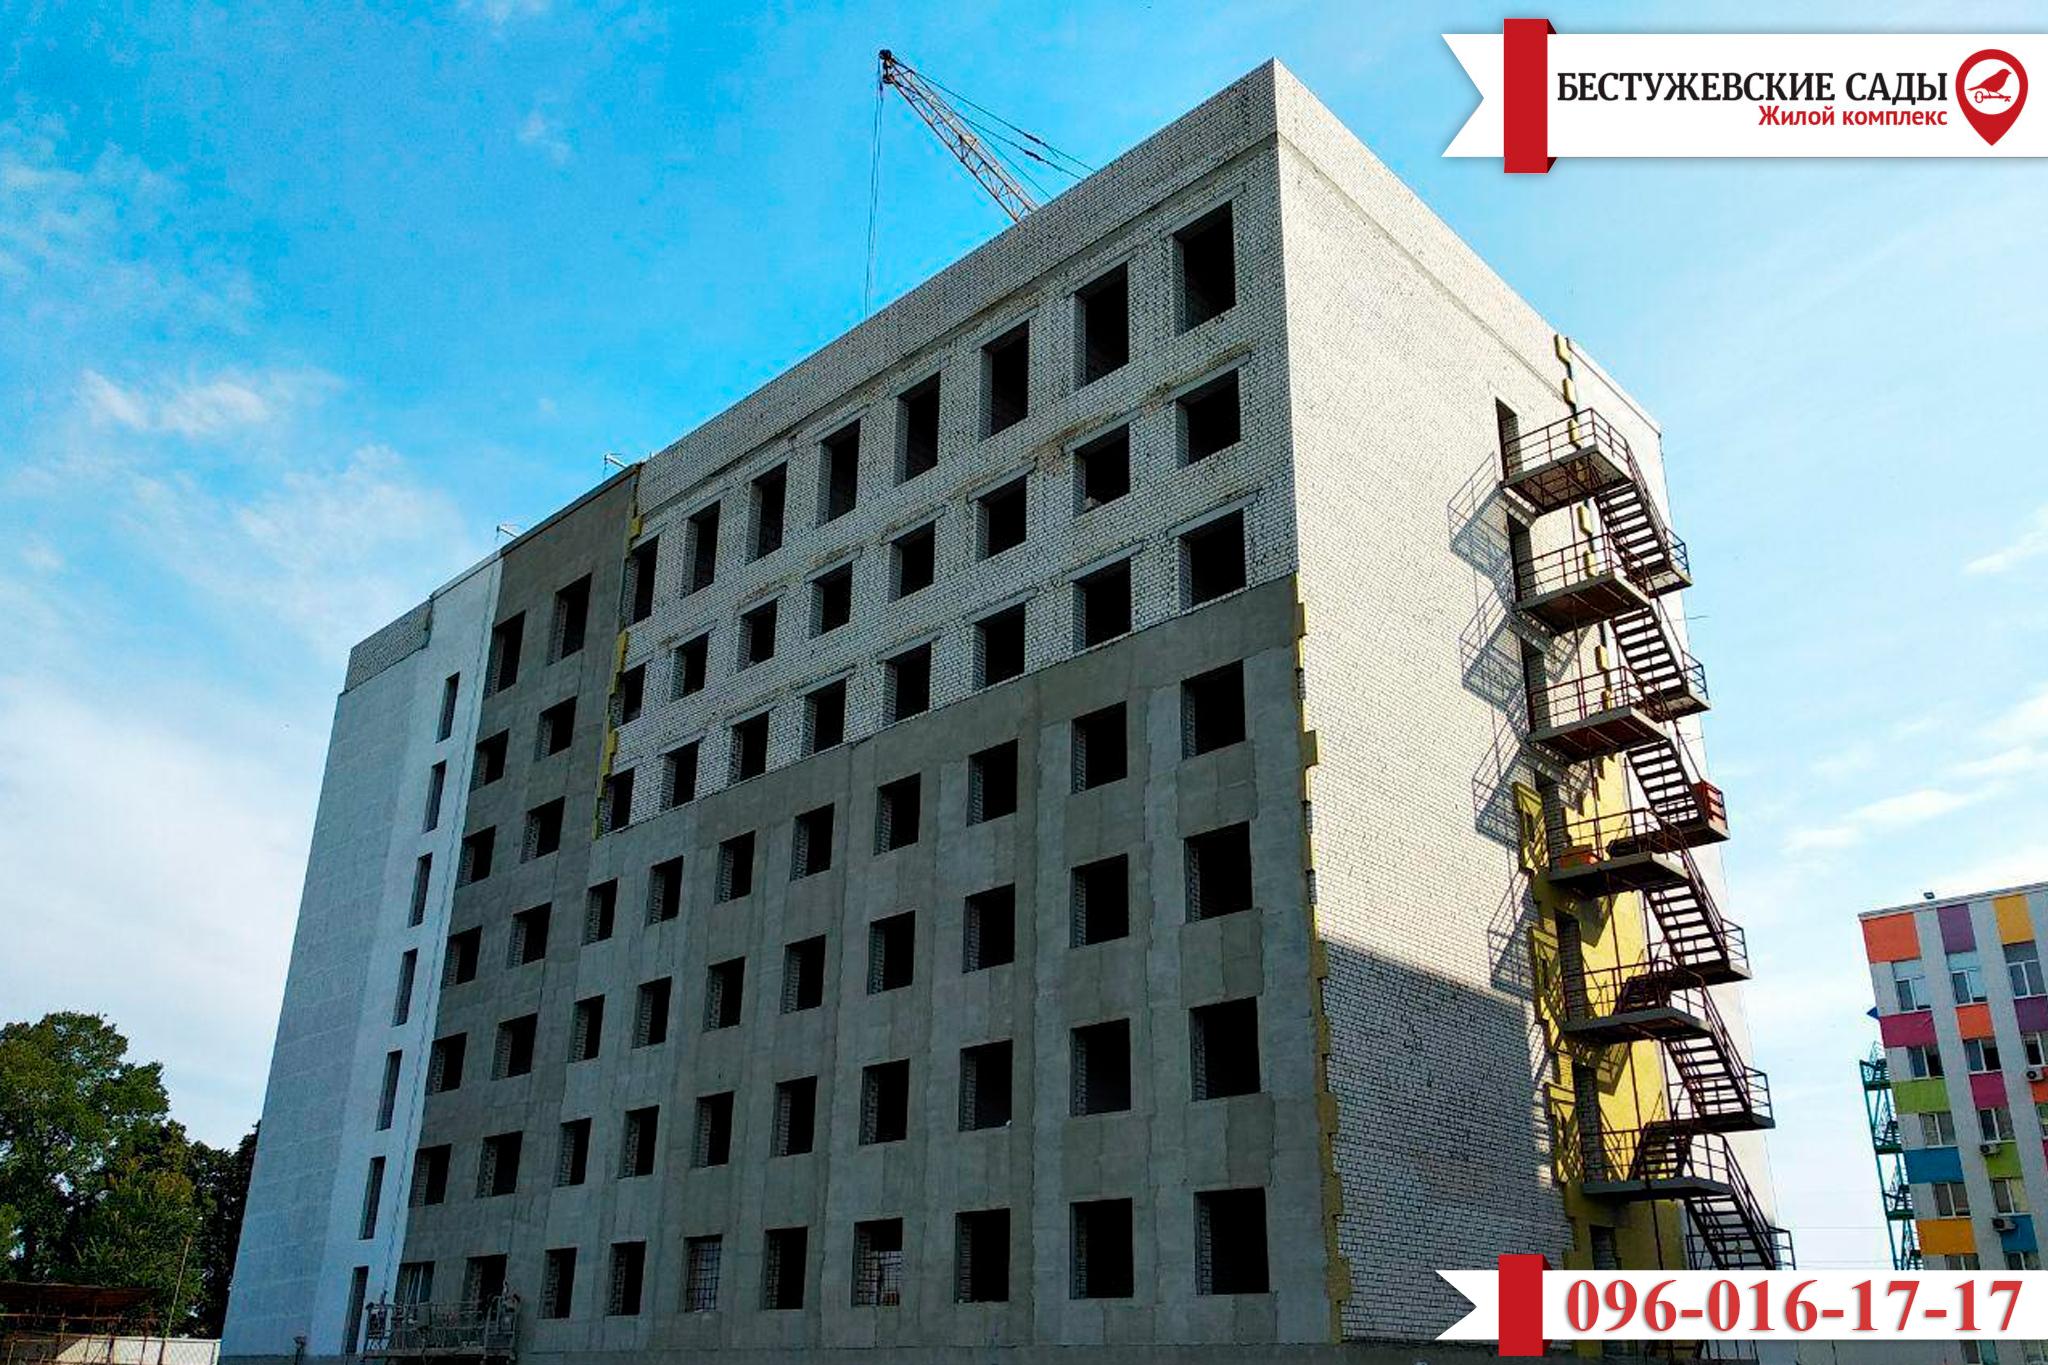 Оновлена інформація про будівництво будинку «Бестужівські Сади»